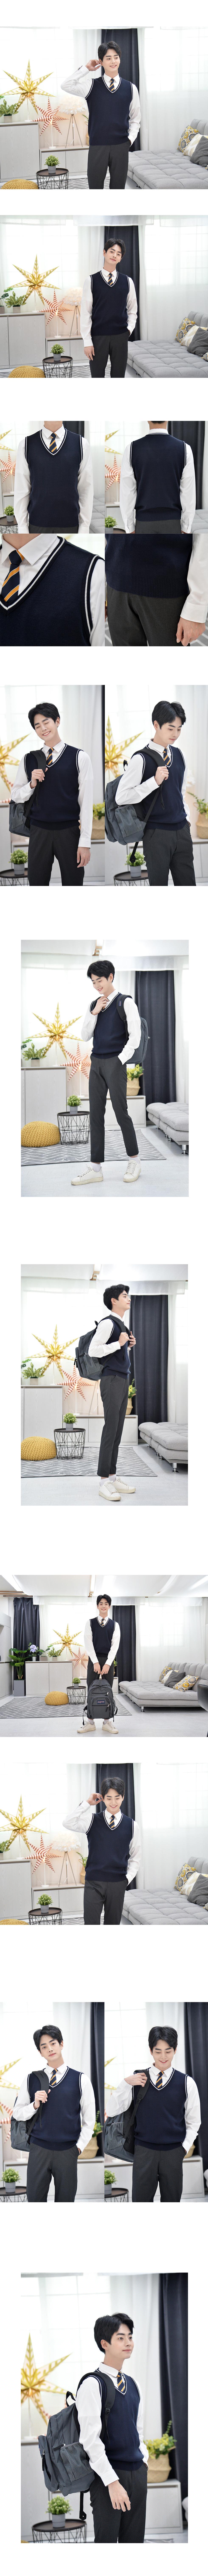 보풀방지 네이비 화이트라인 교복조끼(남자) - 교복몰, 19,800원, 남성 스쿨룩, 상의